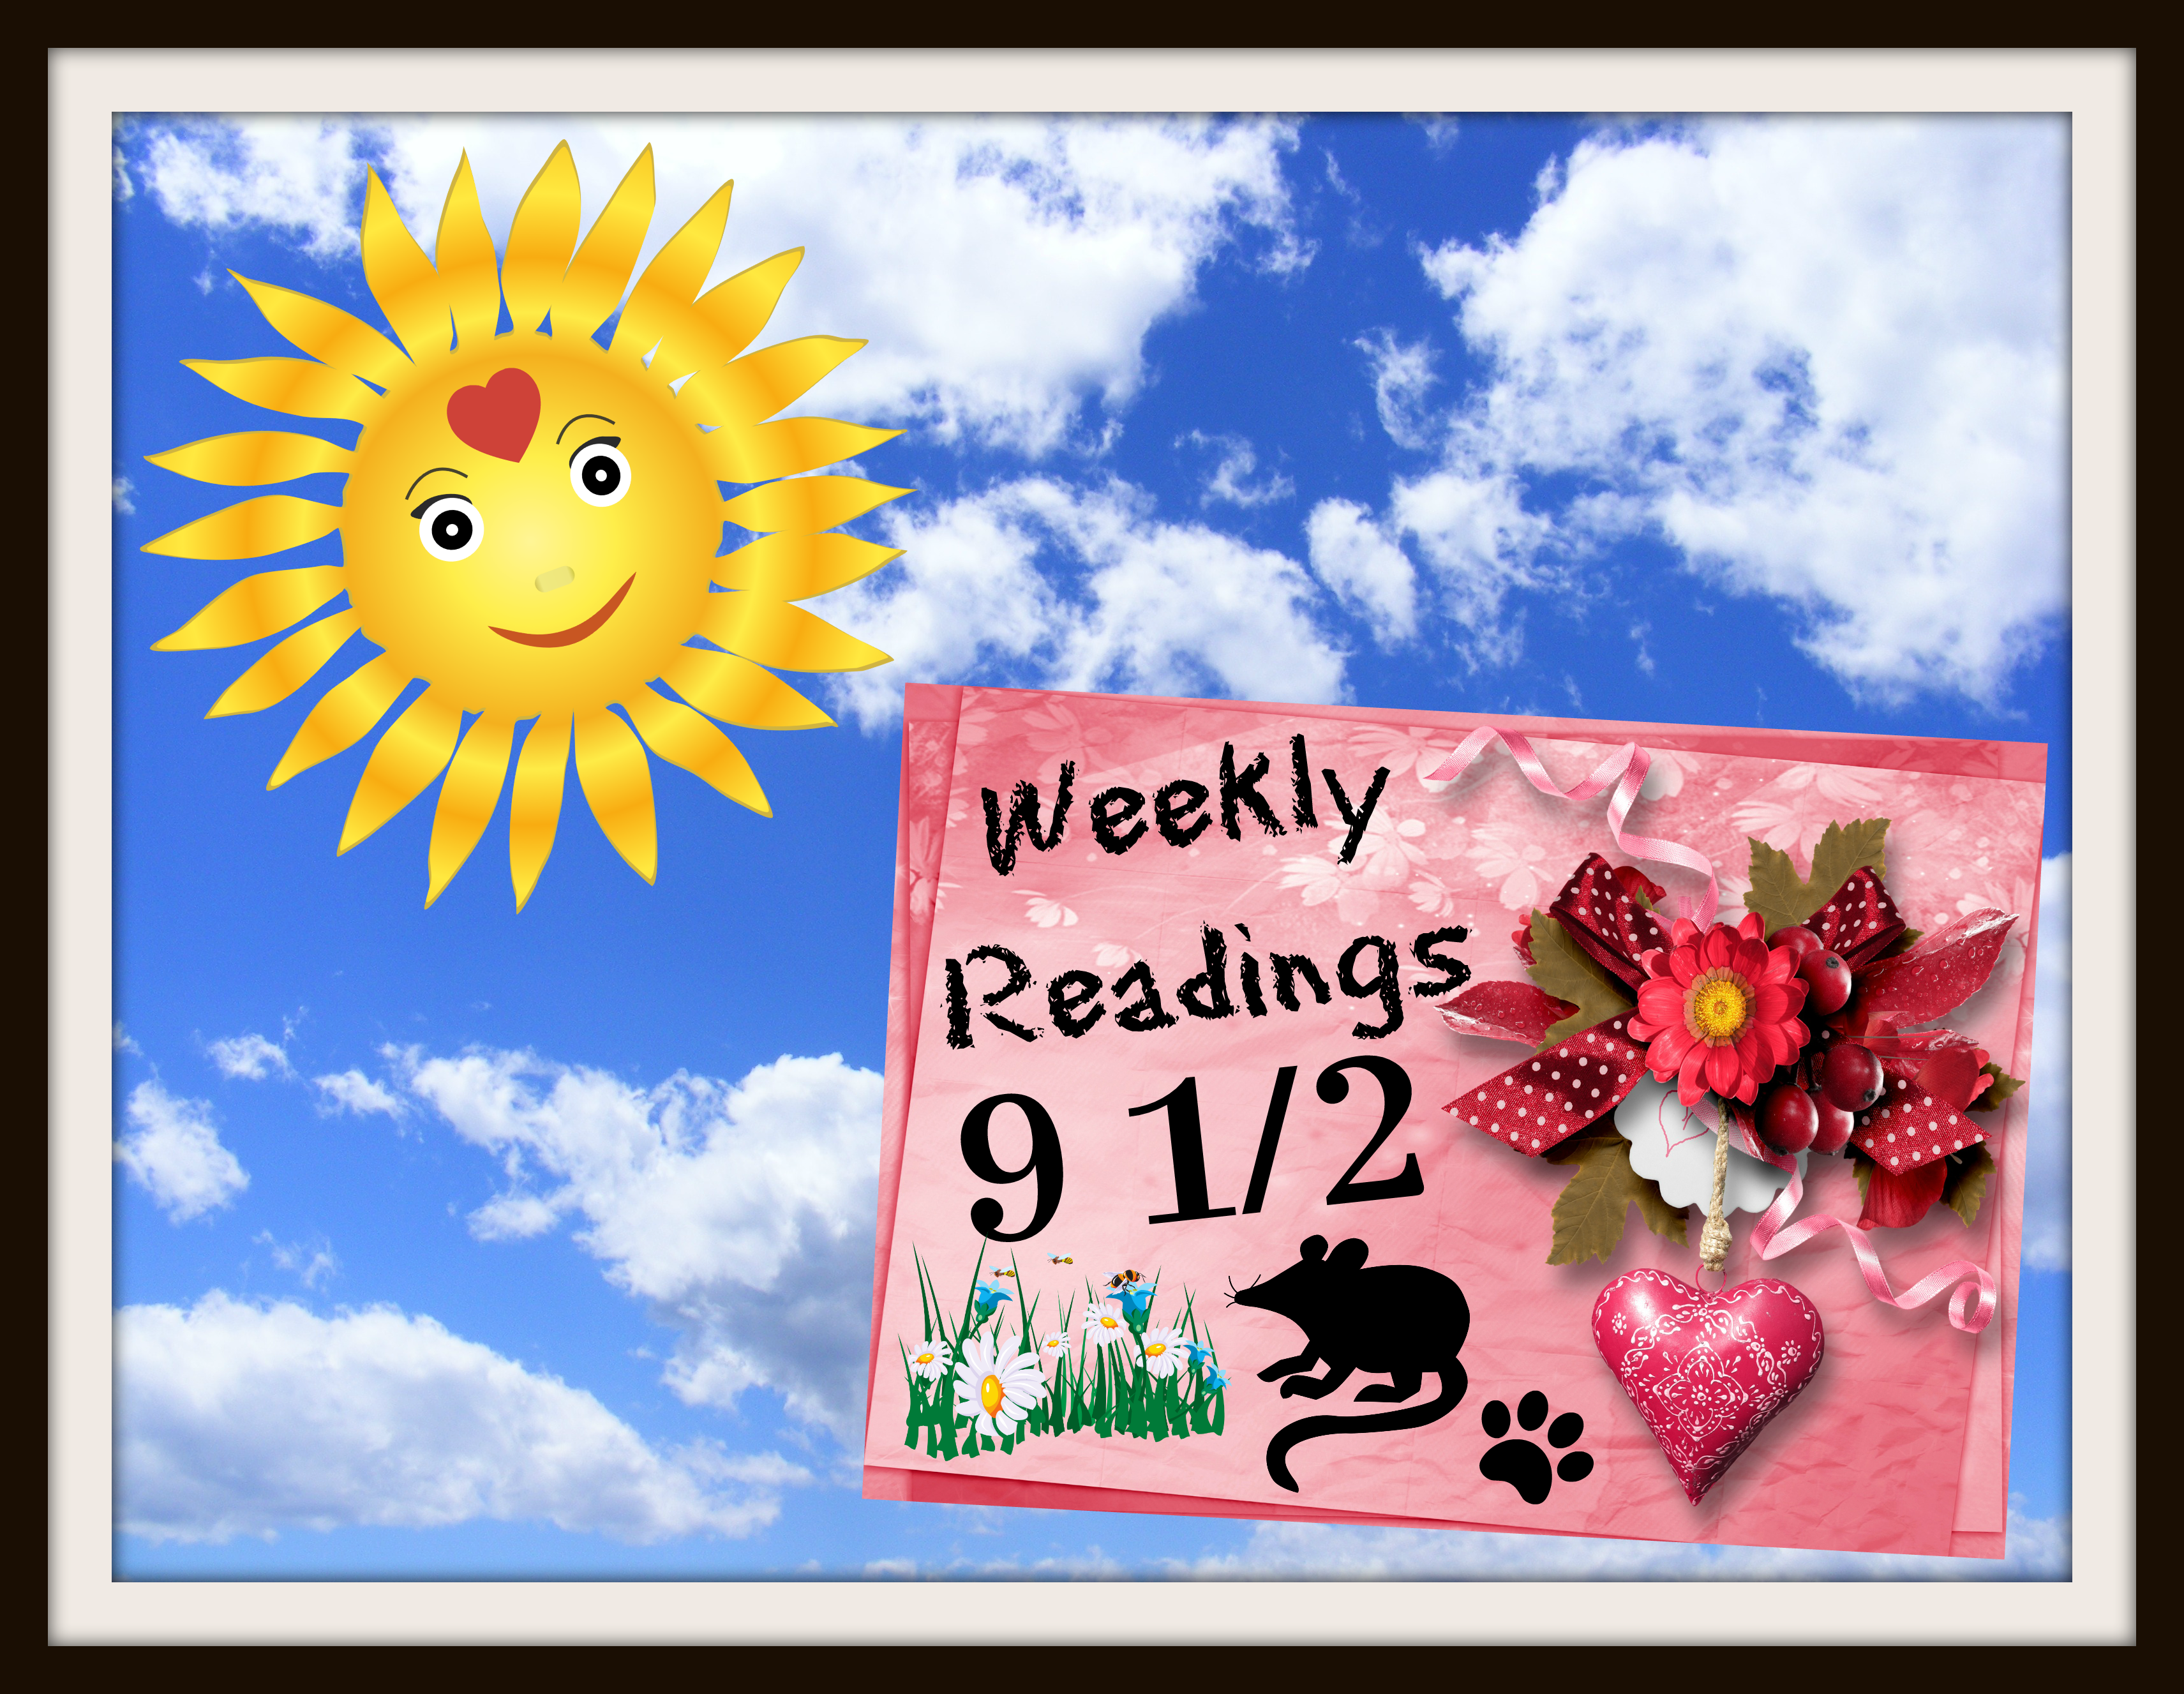 Weekly Readings 9.5 (Blank 3.5)